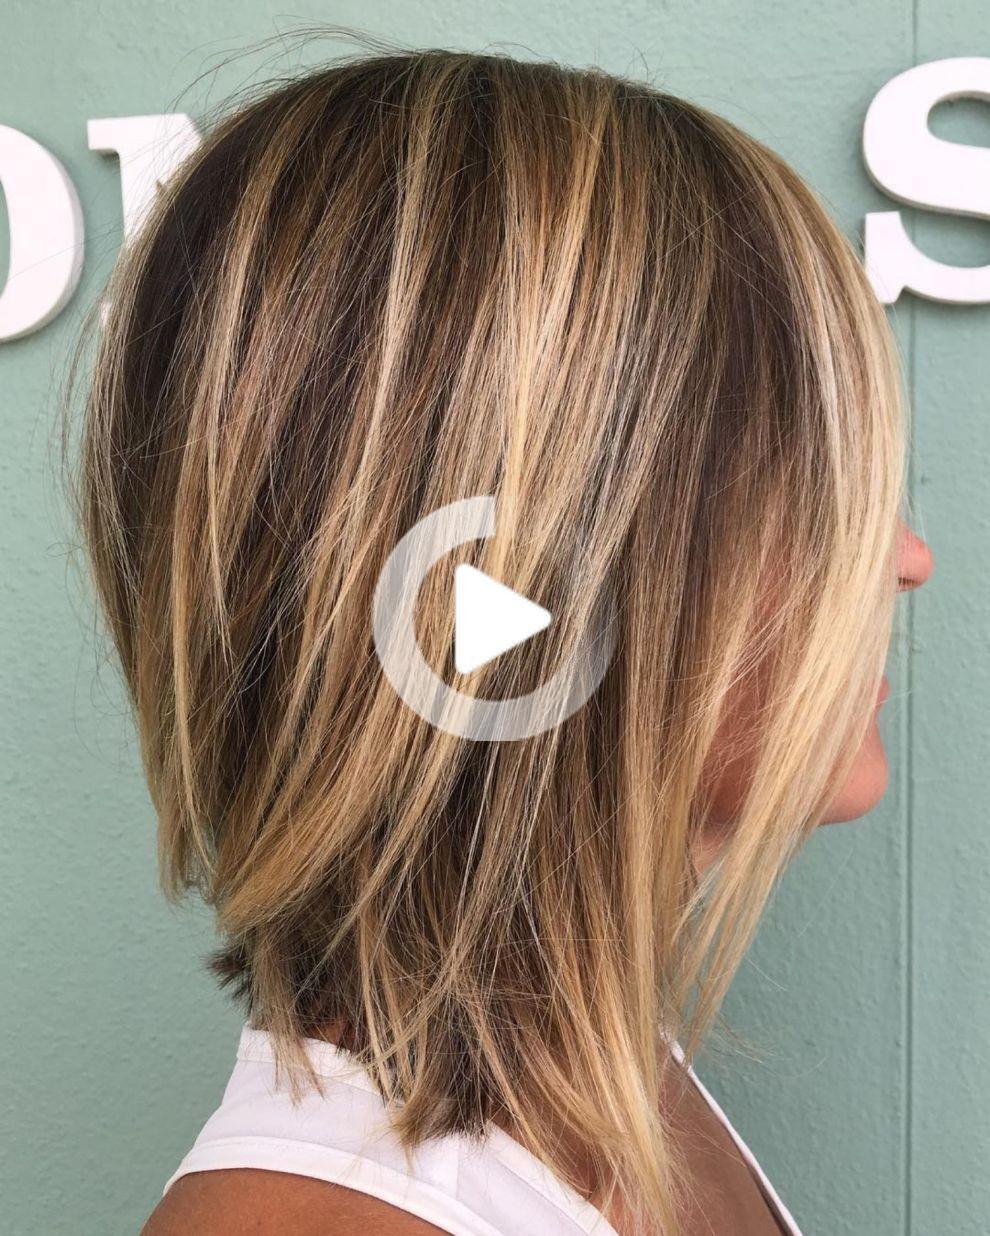 70 Longueur Moyenne Parfaite Coiffures Pour Cheveux Fins Coupe De Cheveux Coiffure Cheveux Fins Cheveux Courts Caramel